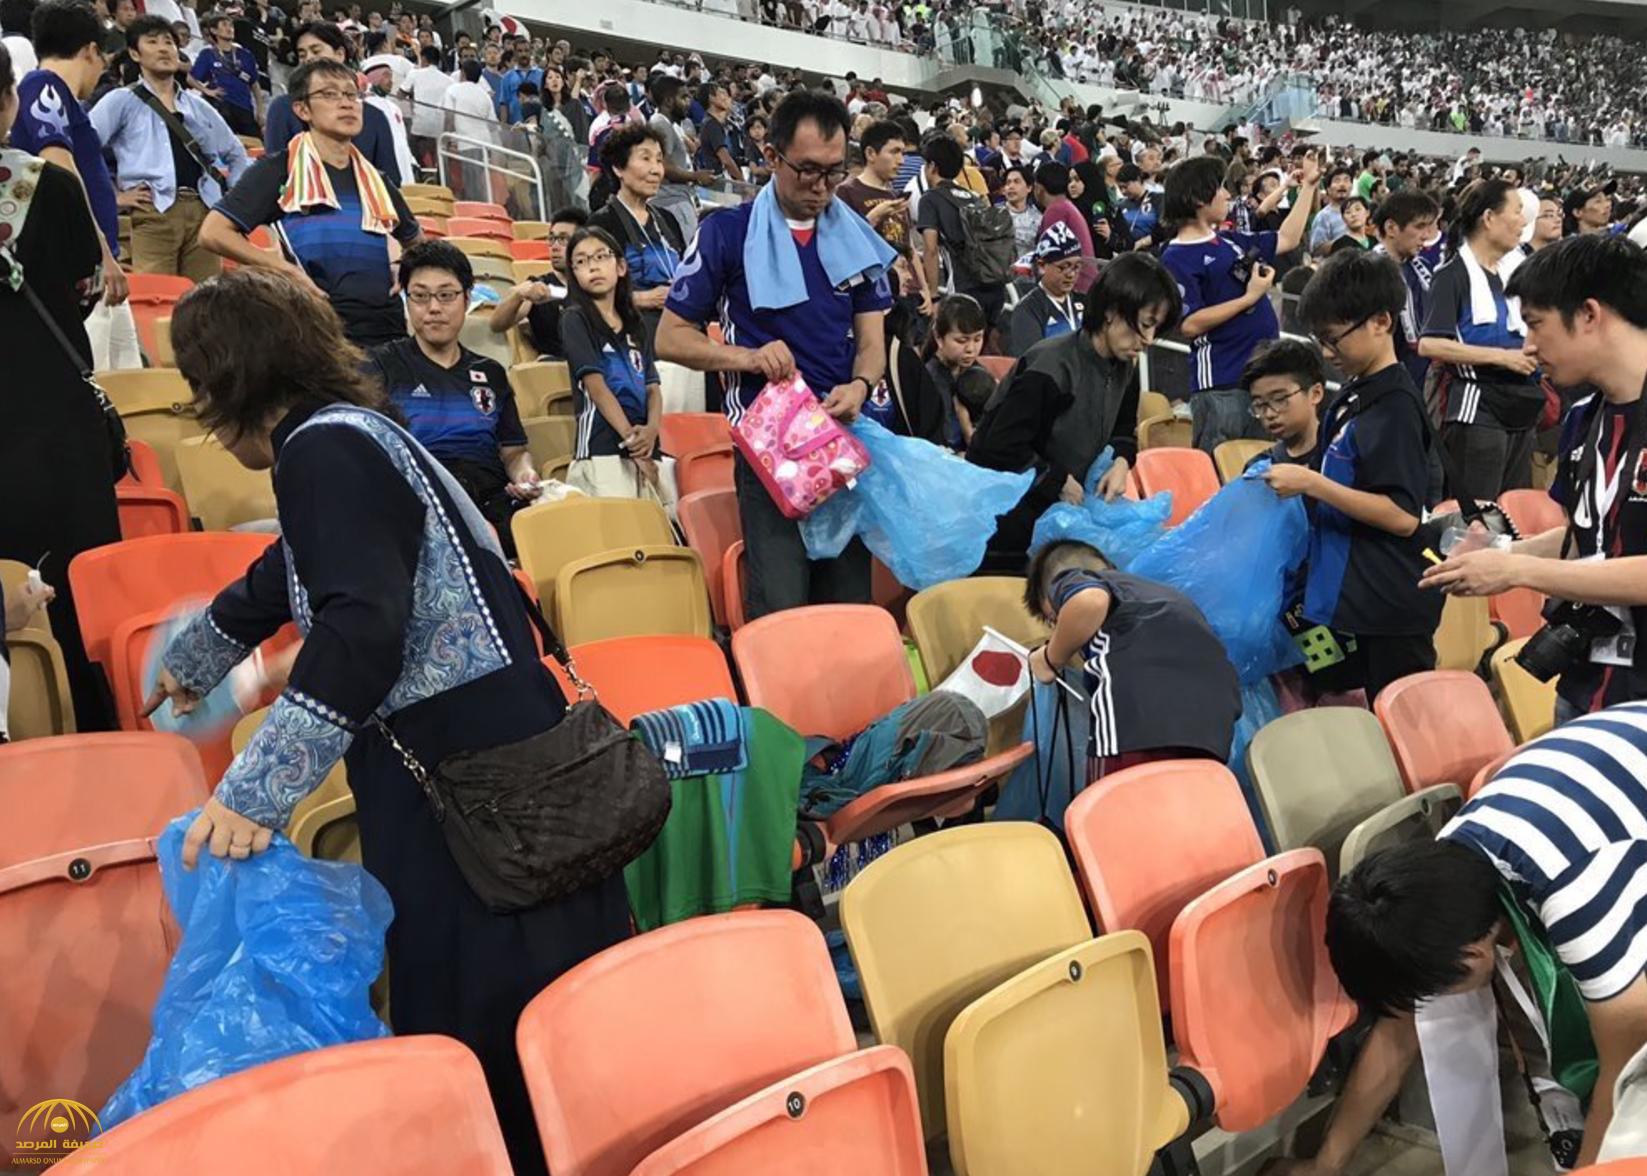 نتيجة بحث الصور عن صور اليابانيين وهم ينظفون الملعب أمس